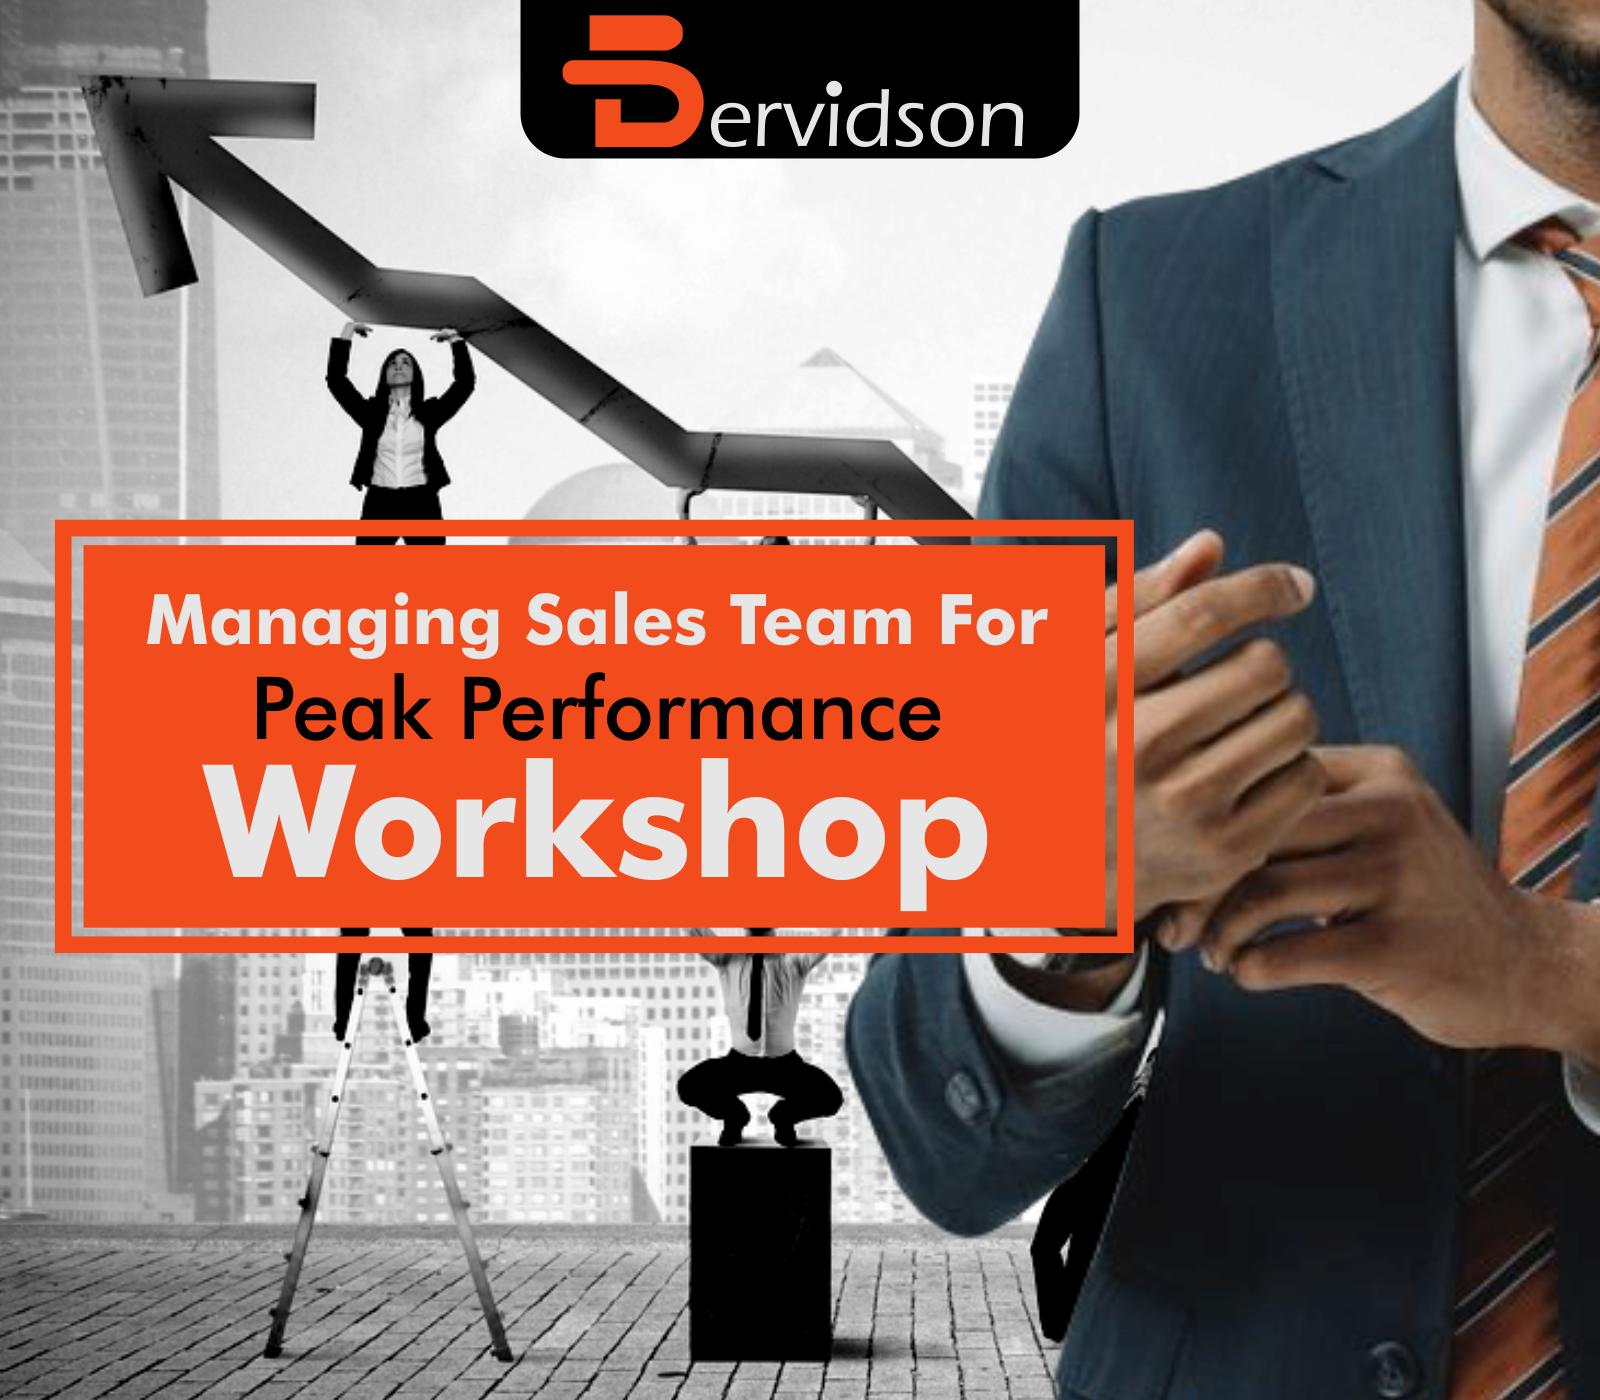 Managing Sales Team for Peak-Performance Workshop